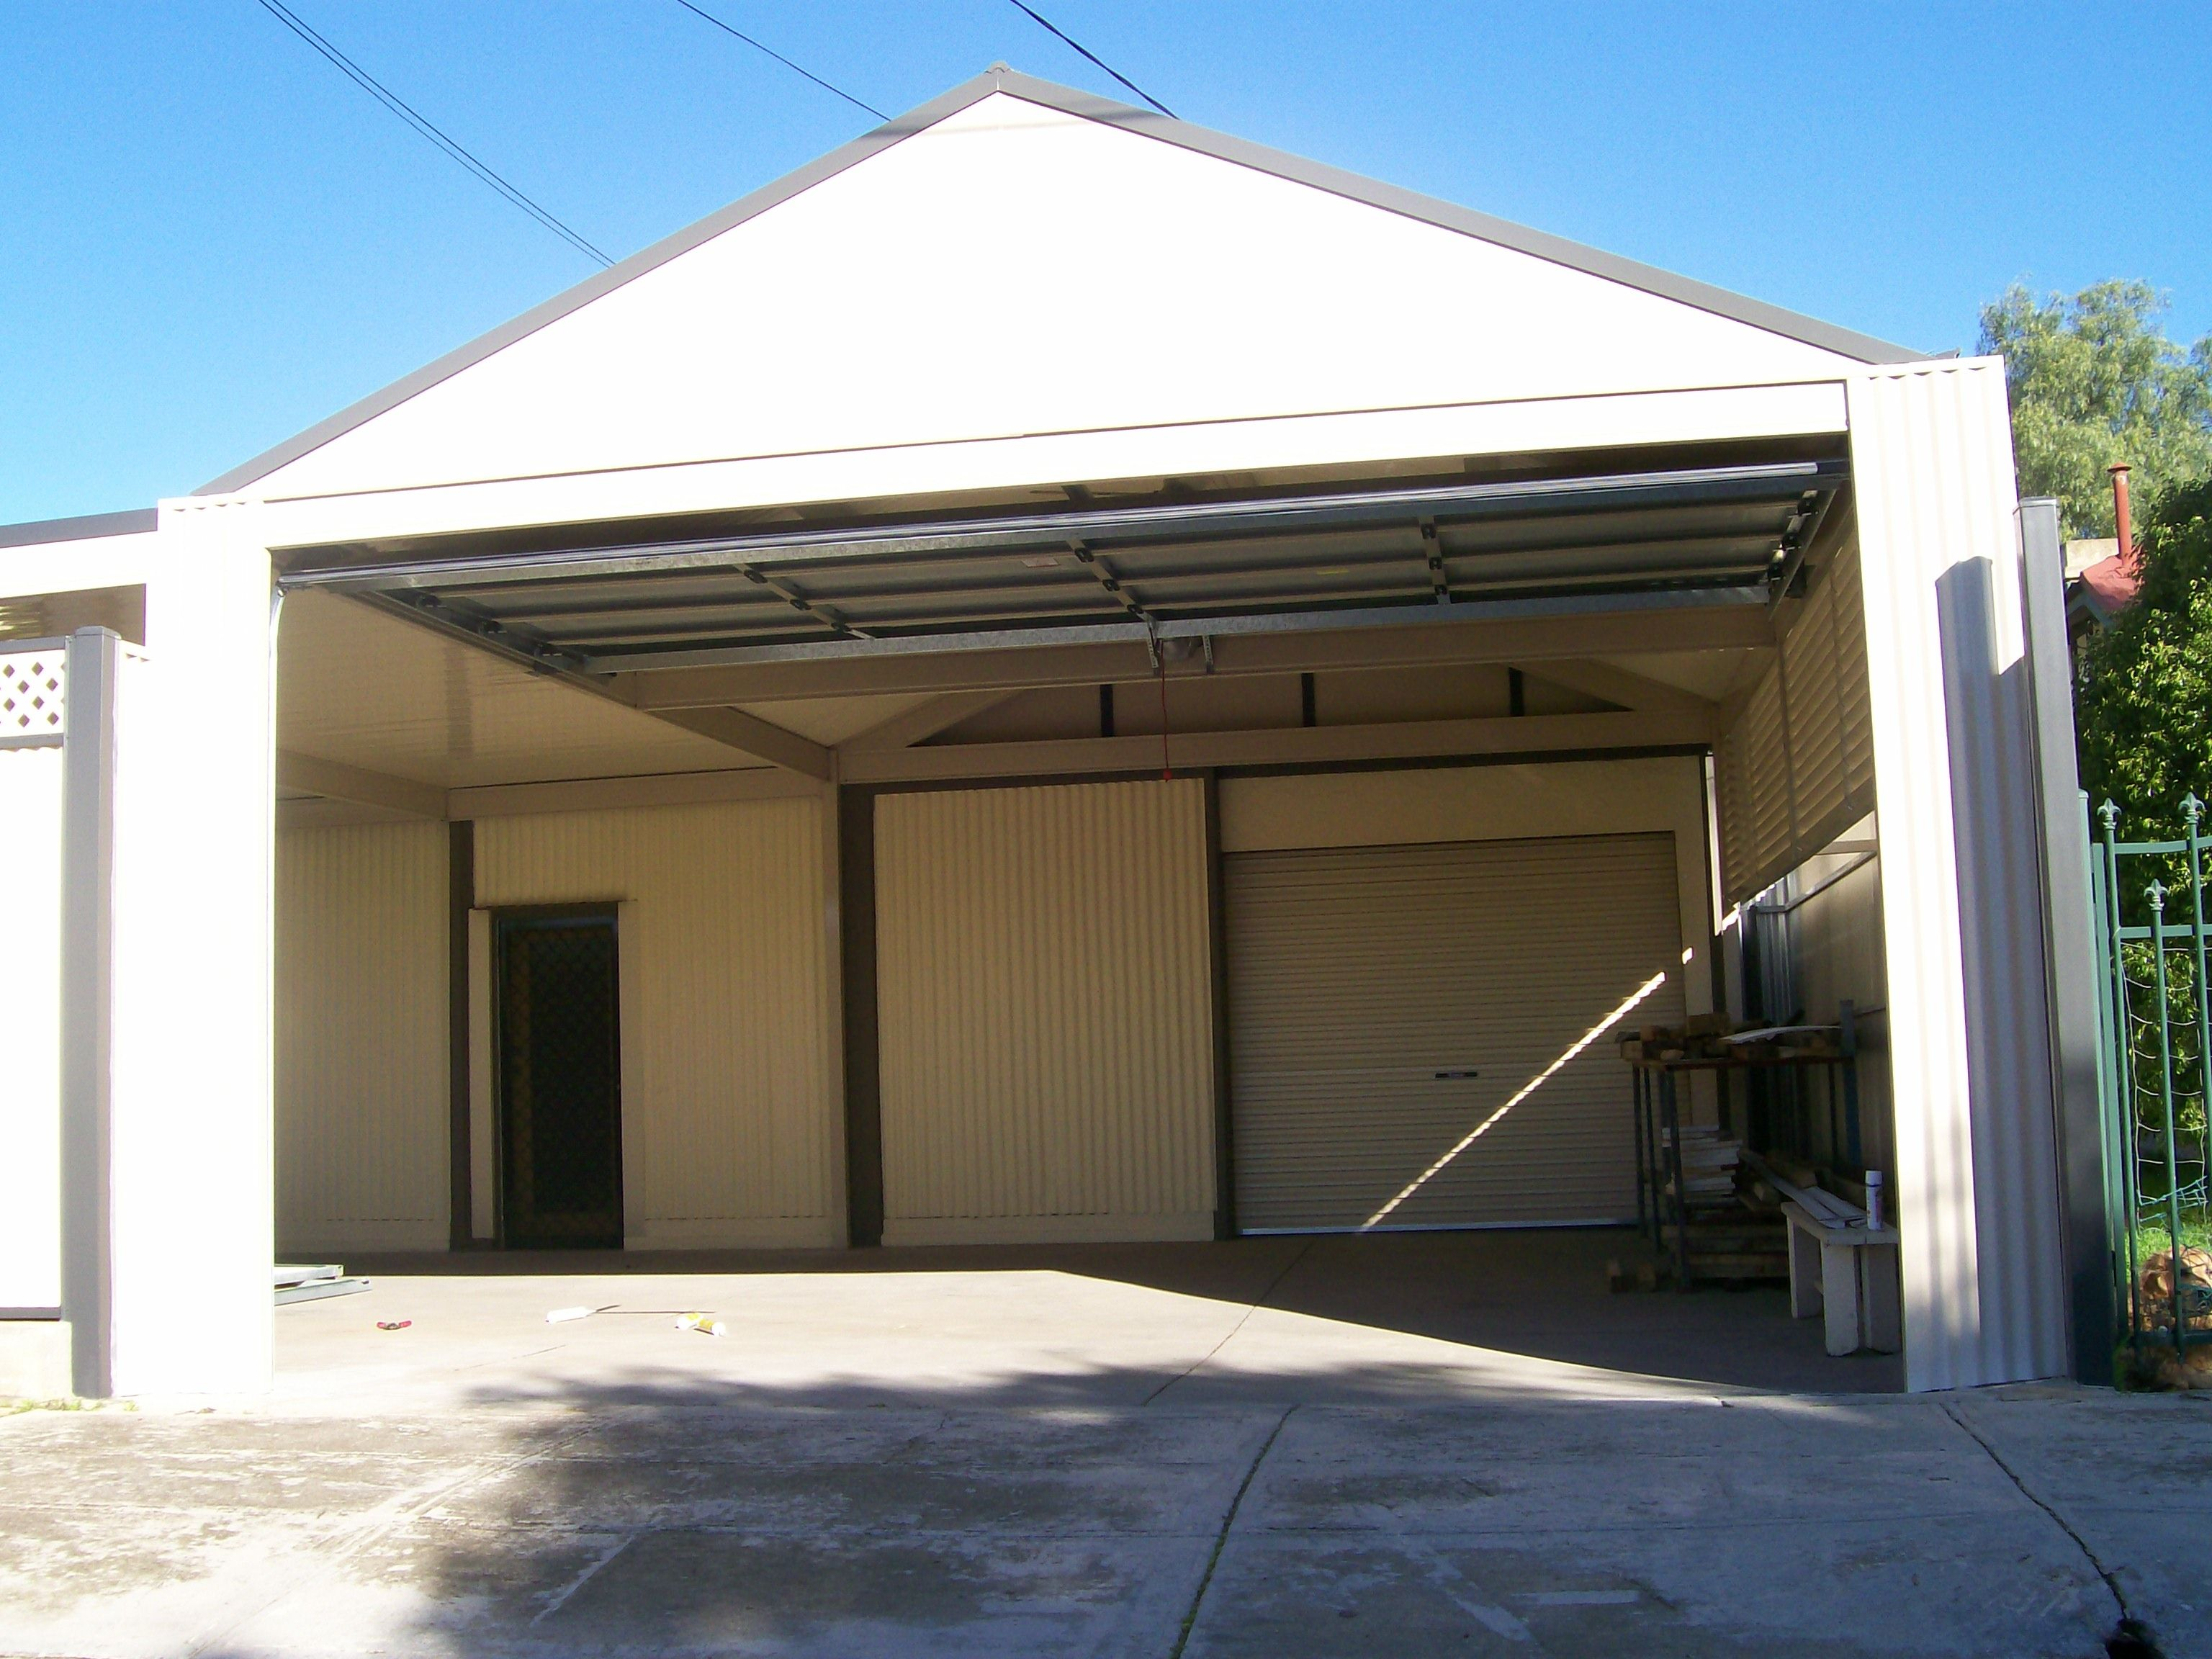 Dmv Carport Double Wide Carport Door Western Carports Carport Patio Outdoor Solutions Veranda